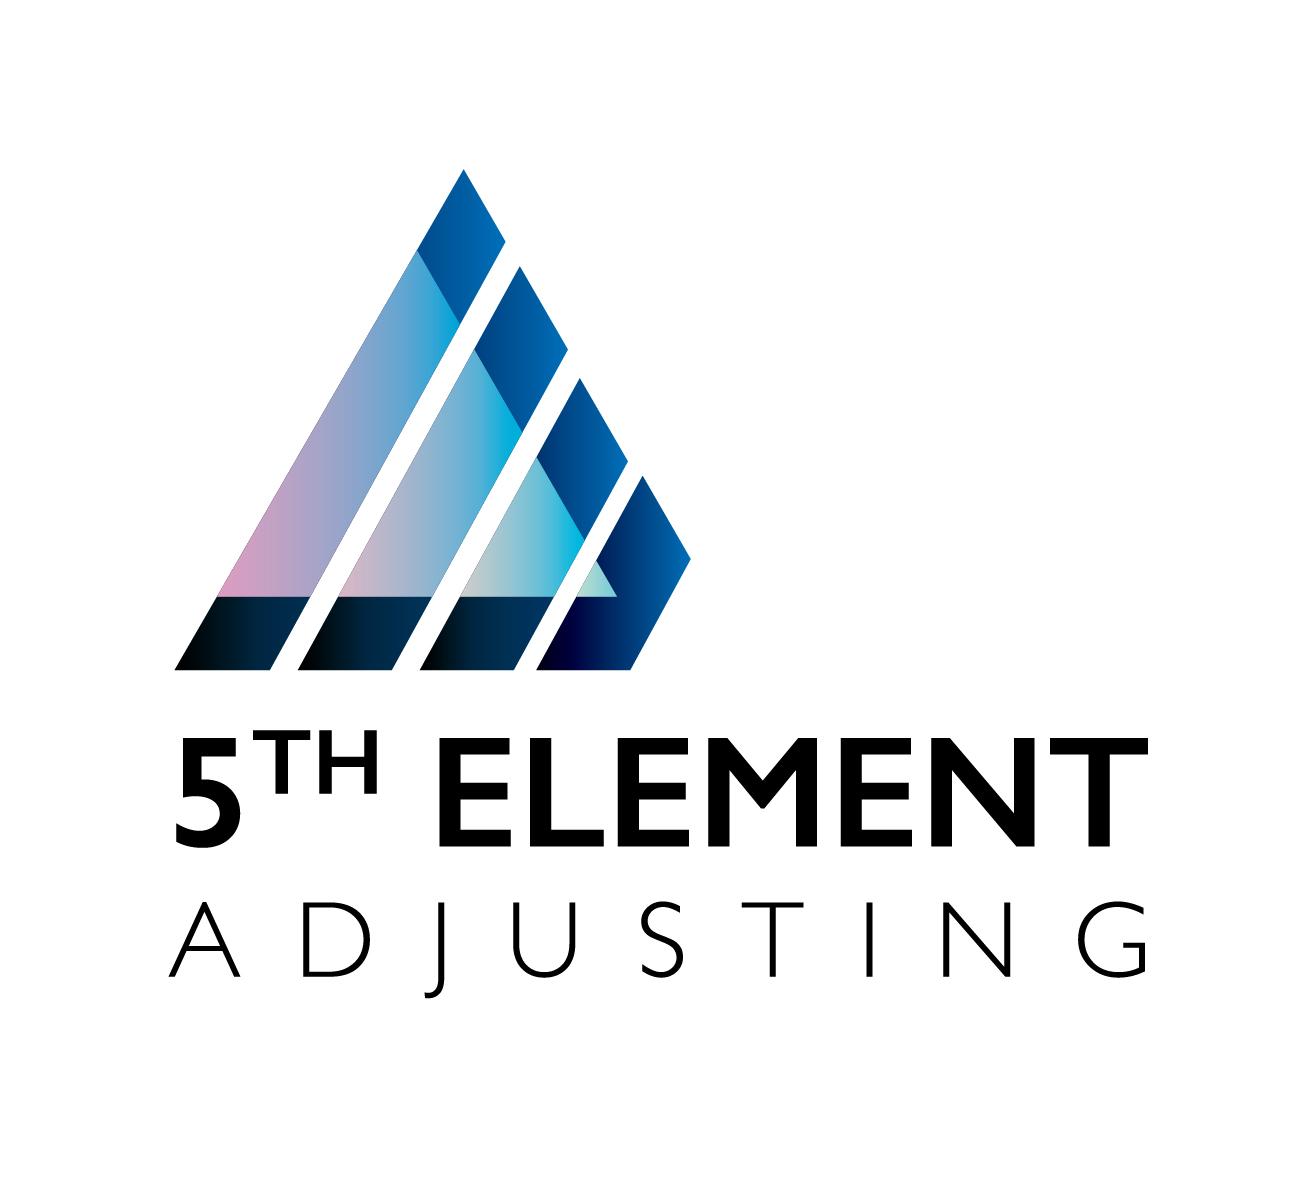 5E-logos-v1-04.jpg